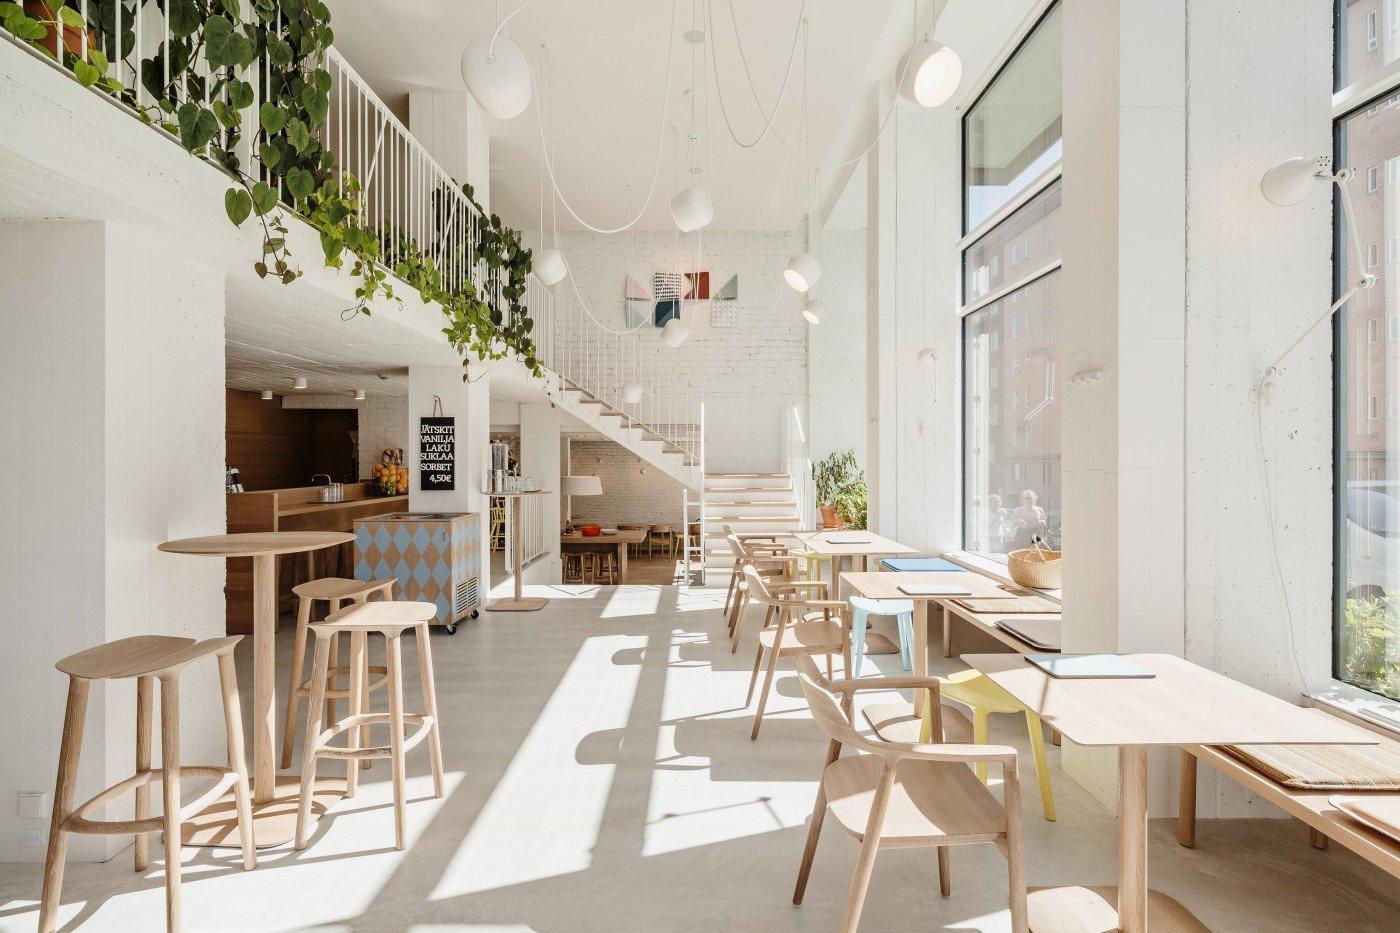 Thiết kế quán cafe 60m2 vừa đẹp vừa chất